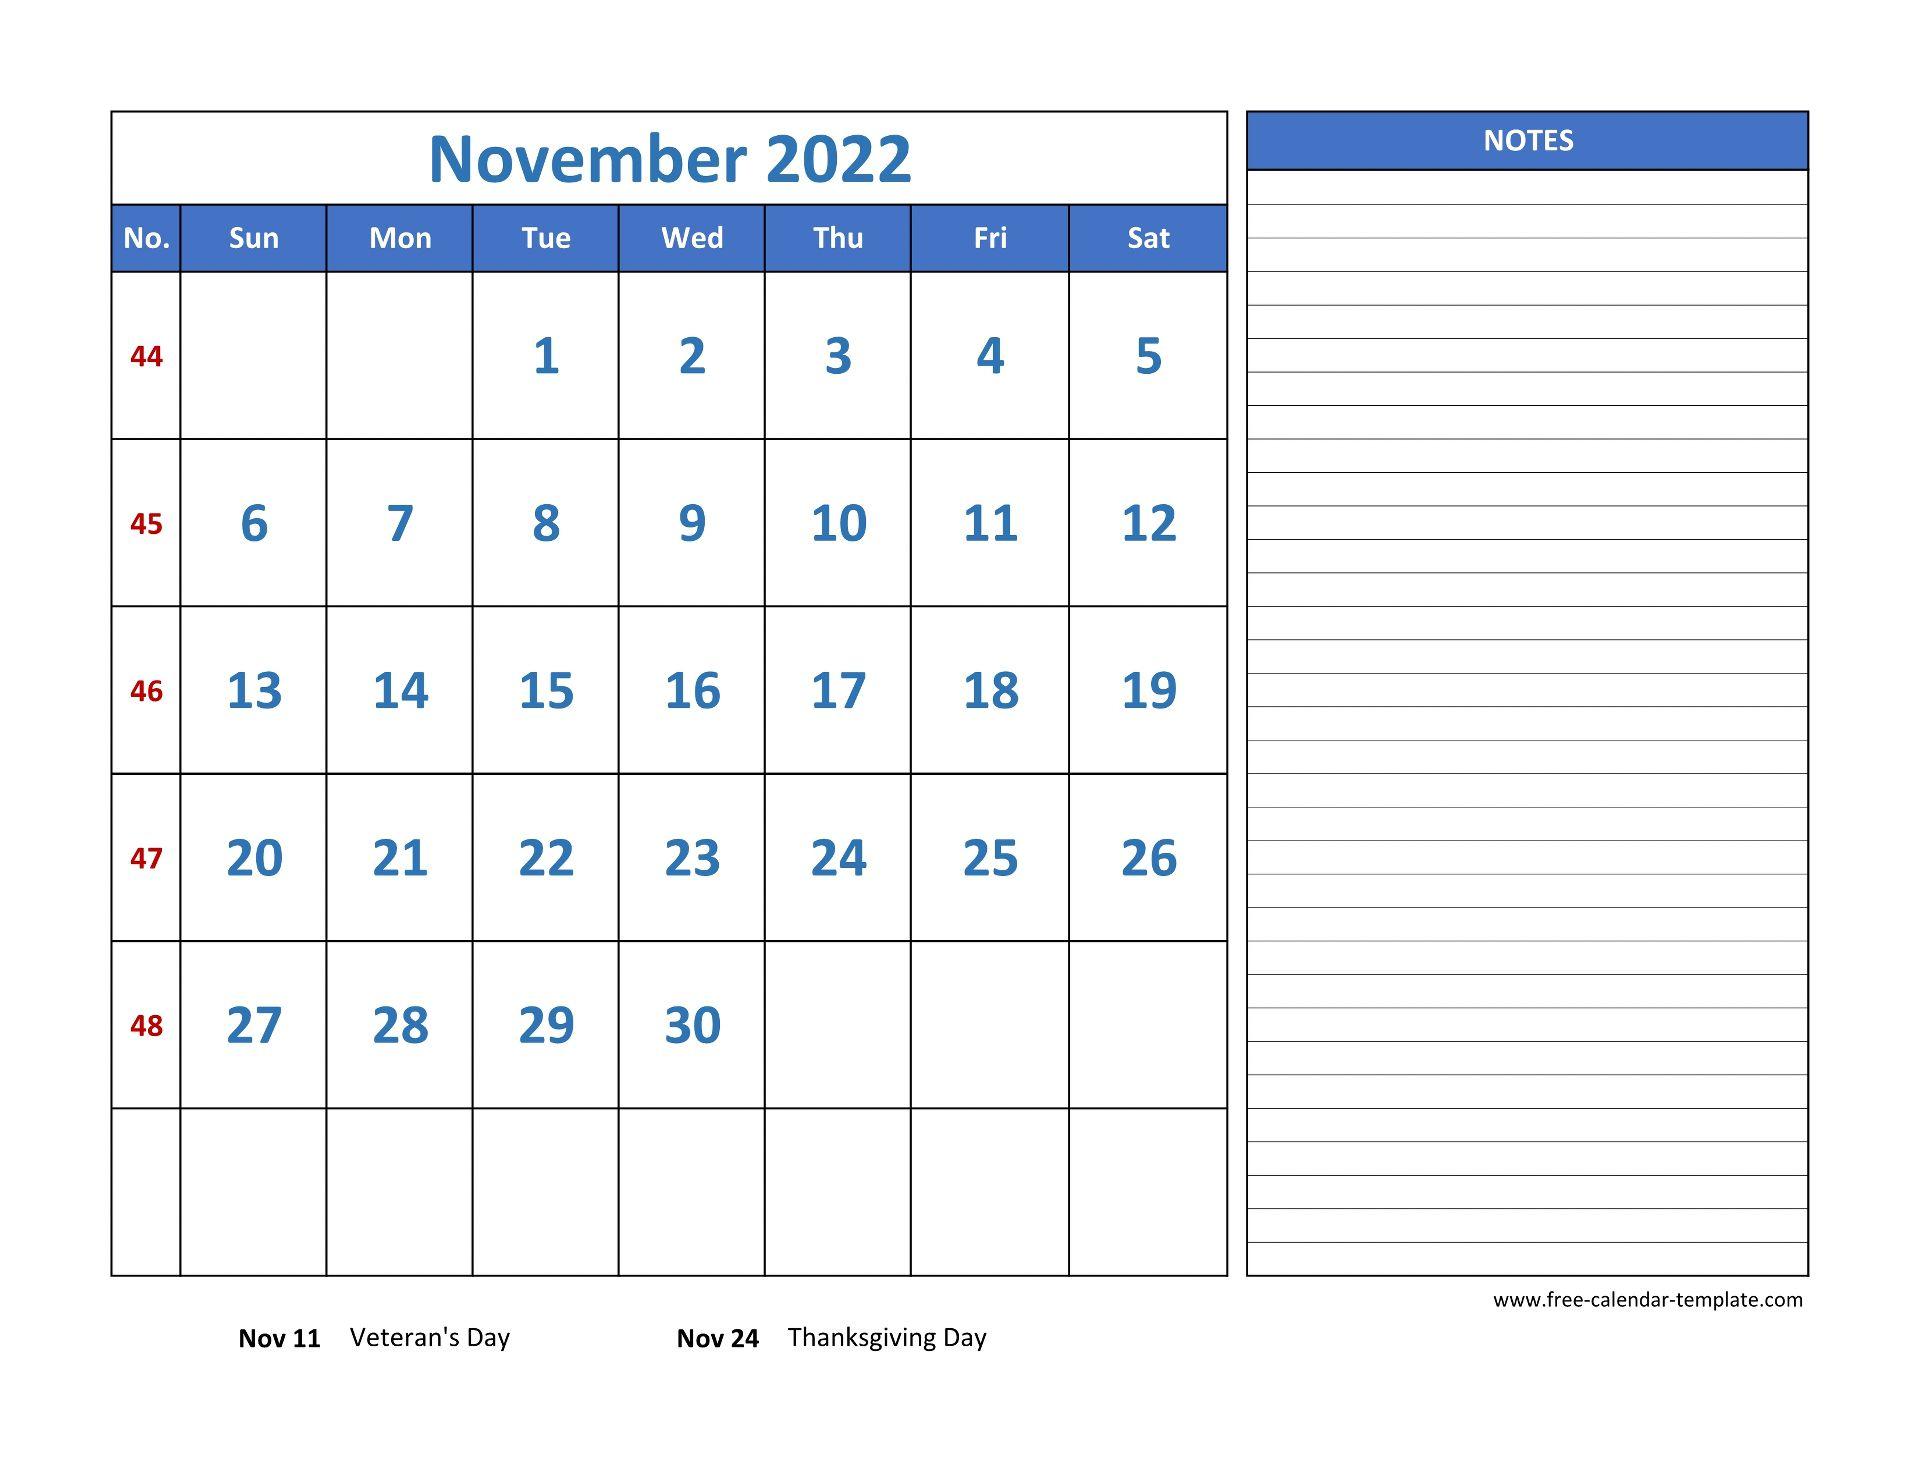 Free November 2022 Calendar.November Calendar 2022 Grid Lines For Holidays And Notes Horizontal Free Calendar Template Com